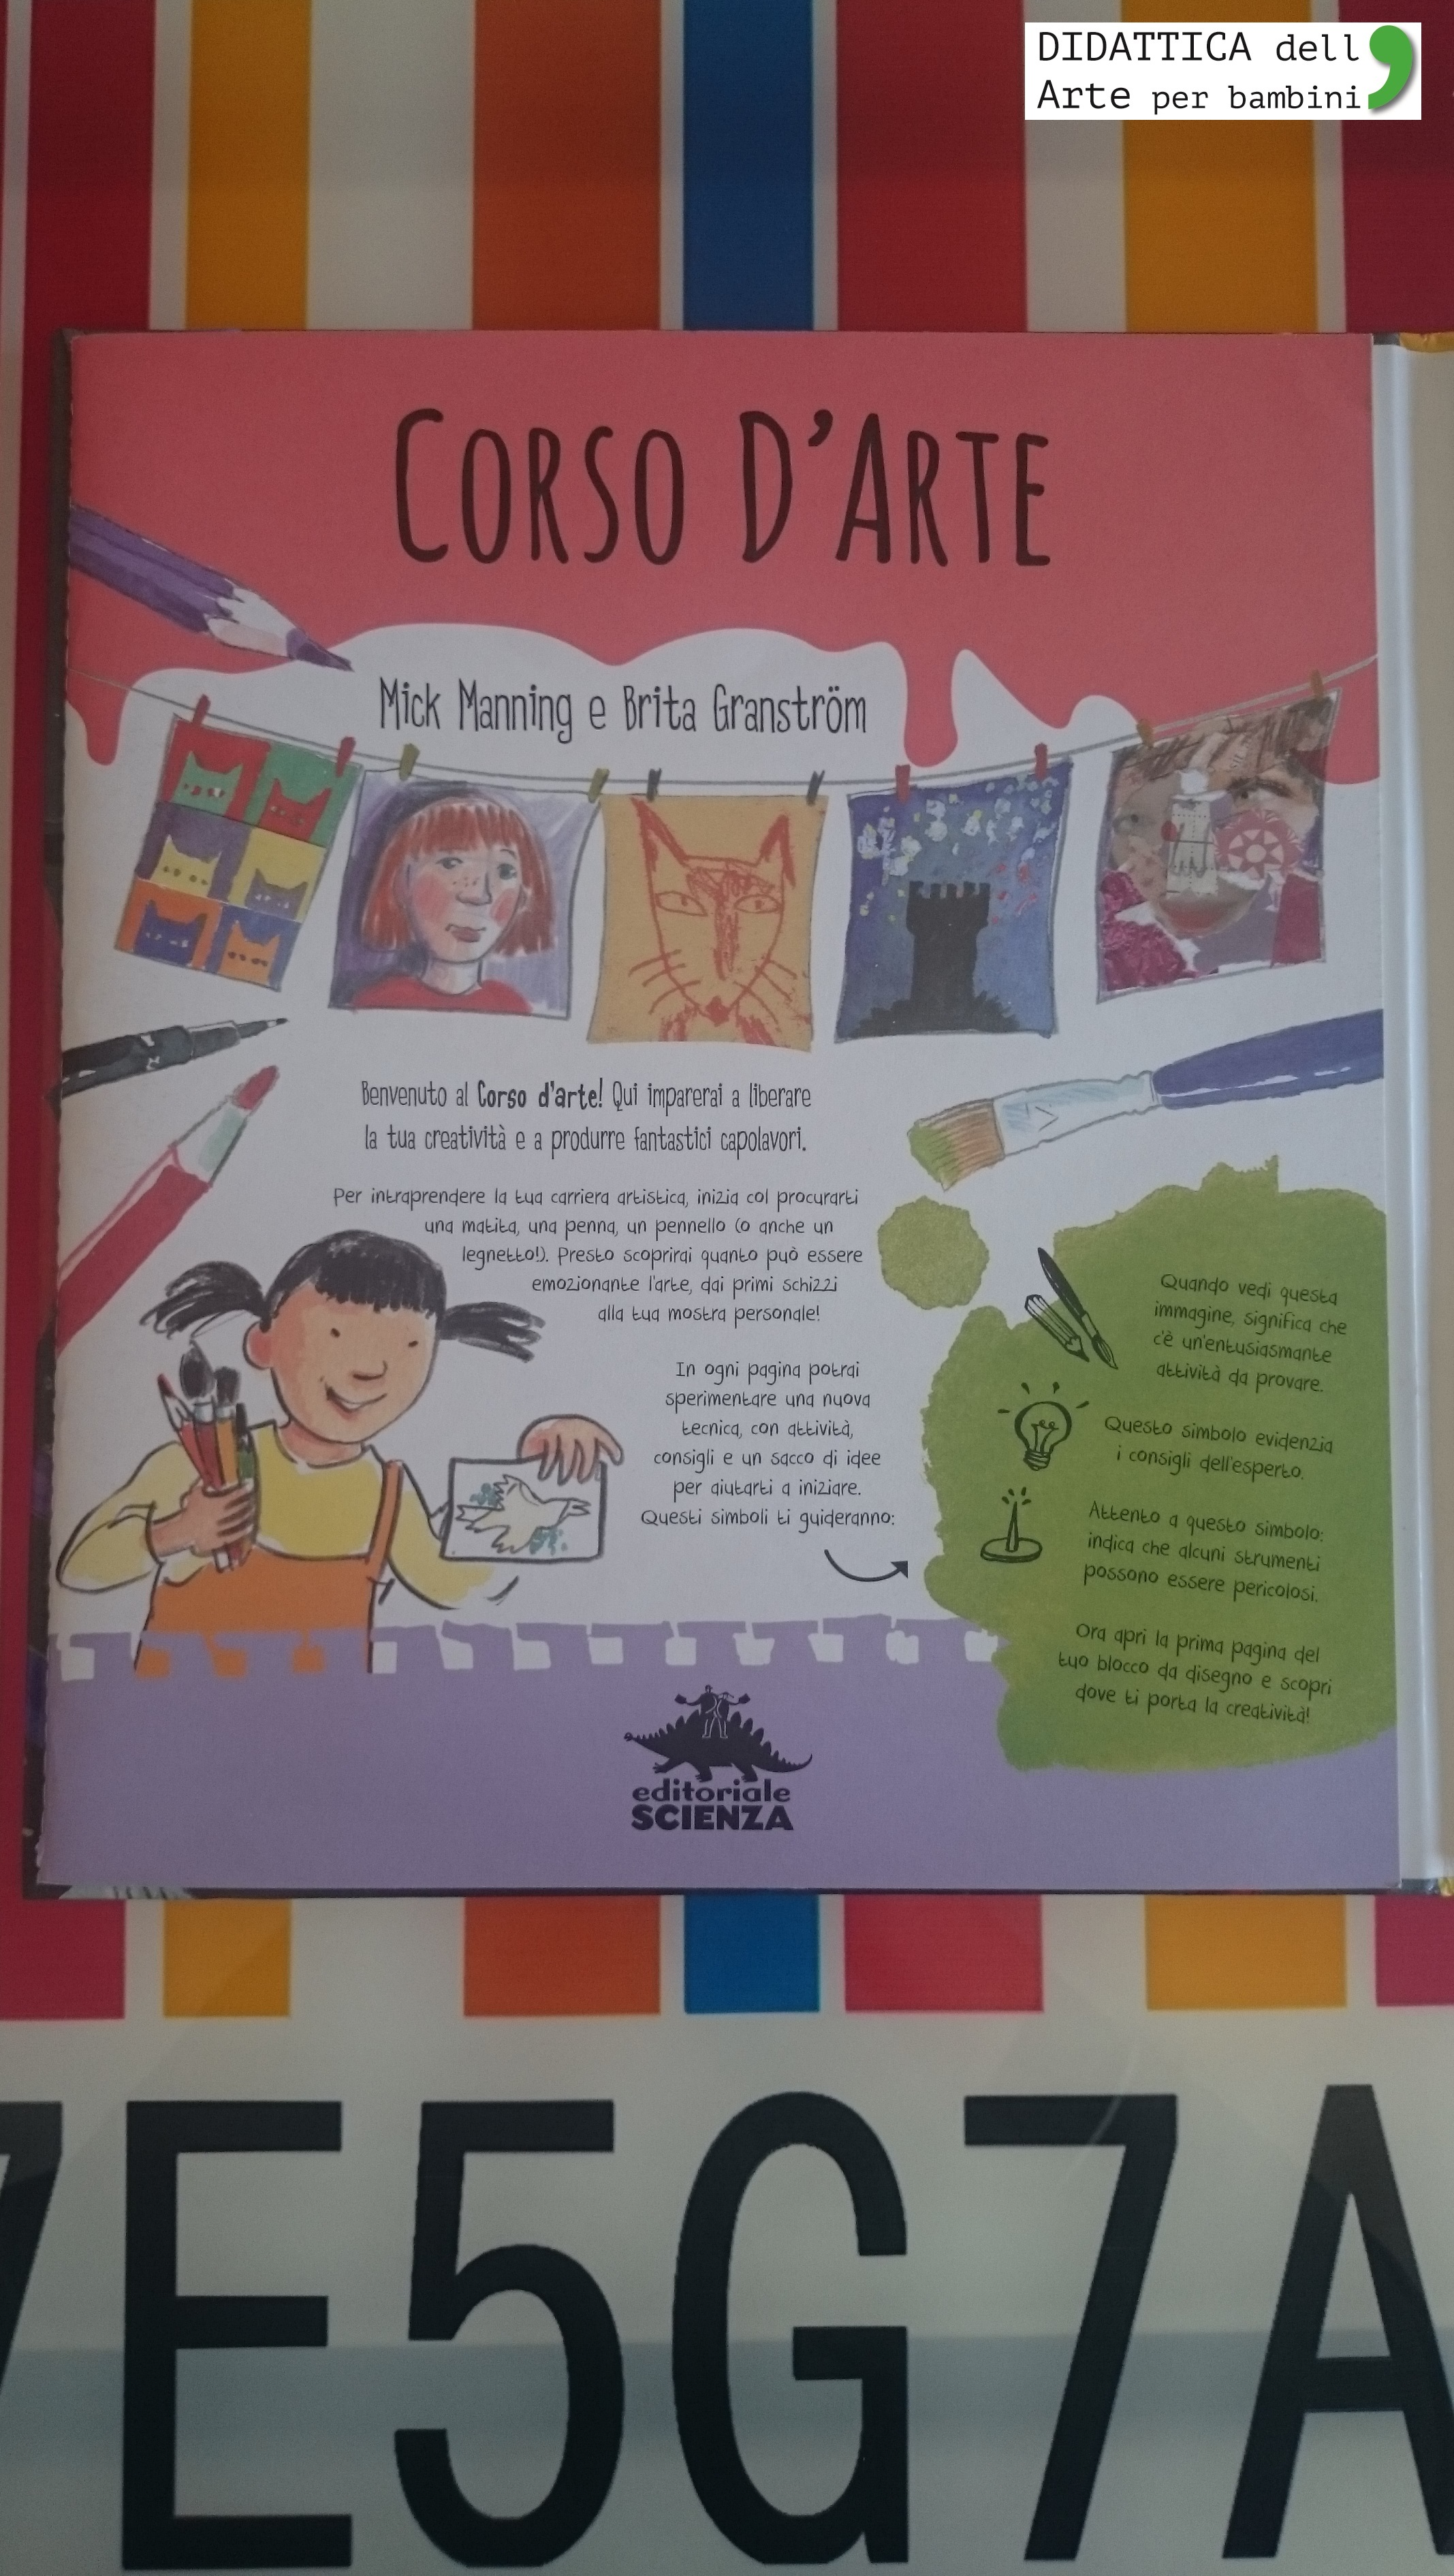 Top Corso d'Arte | Didattica dell'Arte per Bambini DR02